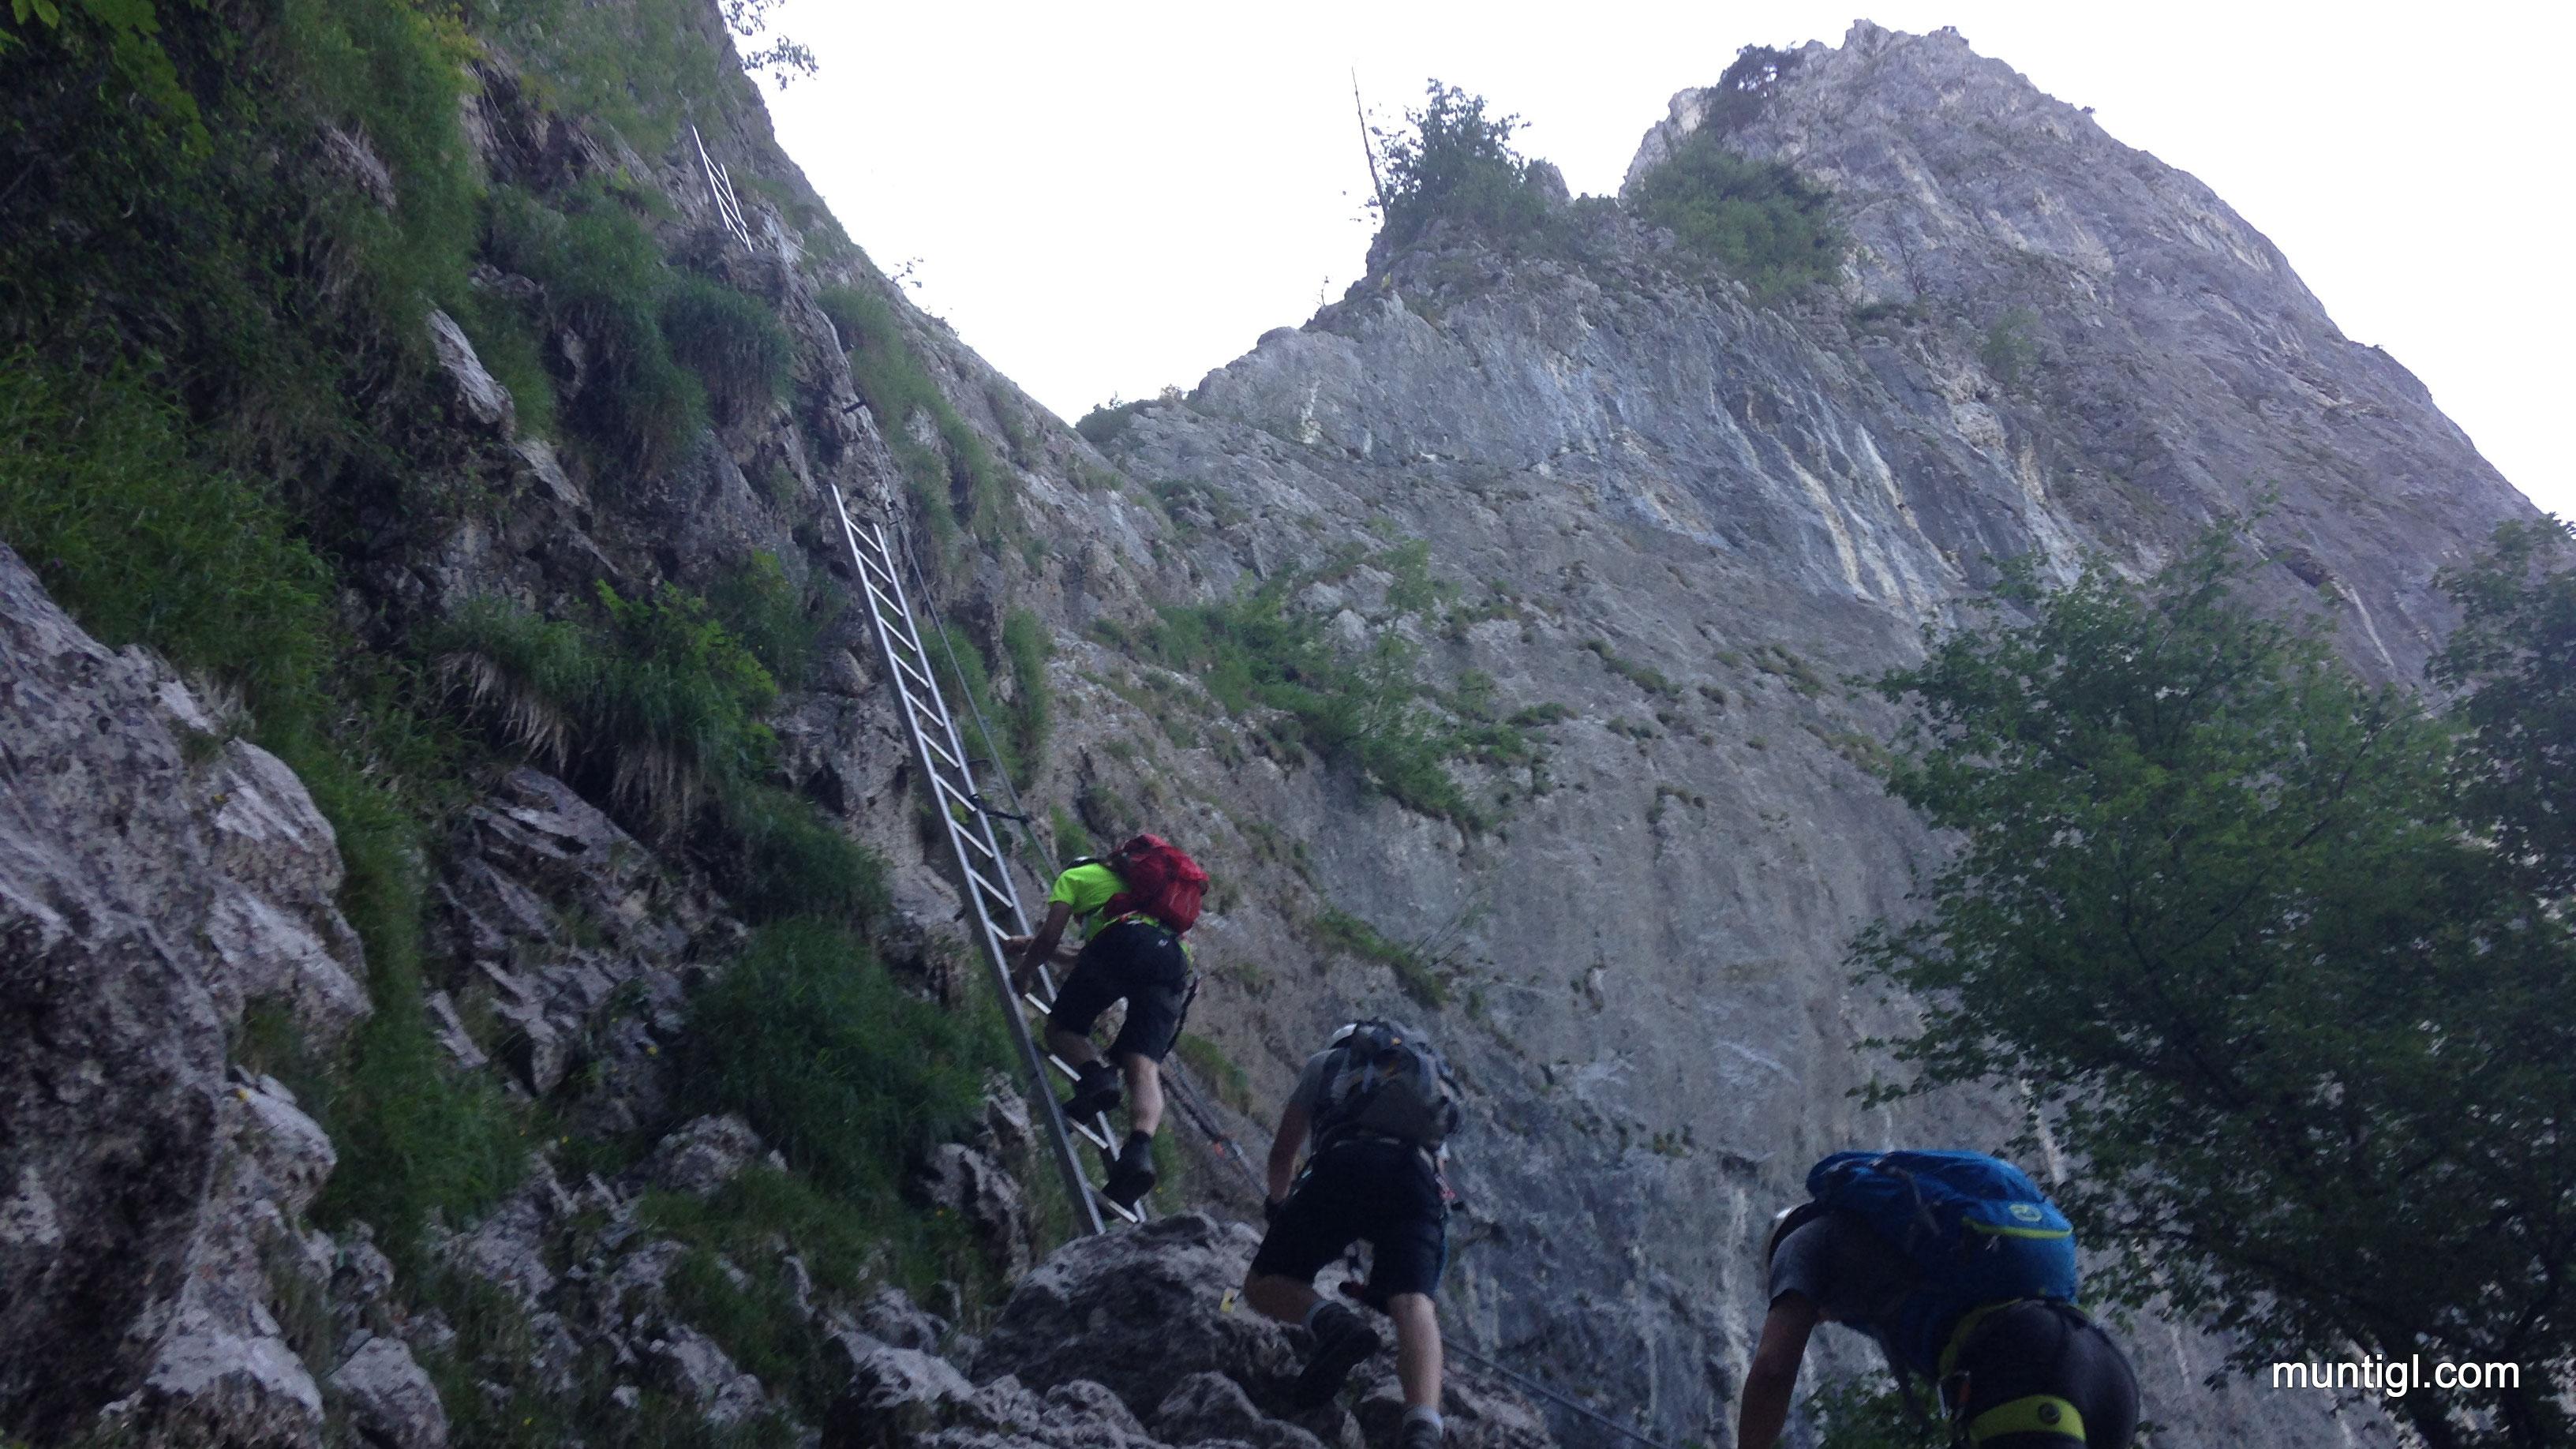 Klettersteig Drachenwand : Drachenwand klettersteig muntigl